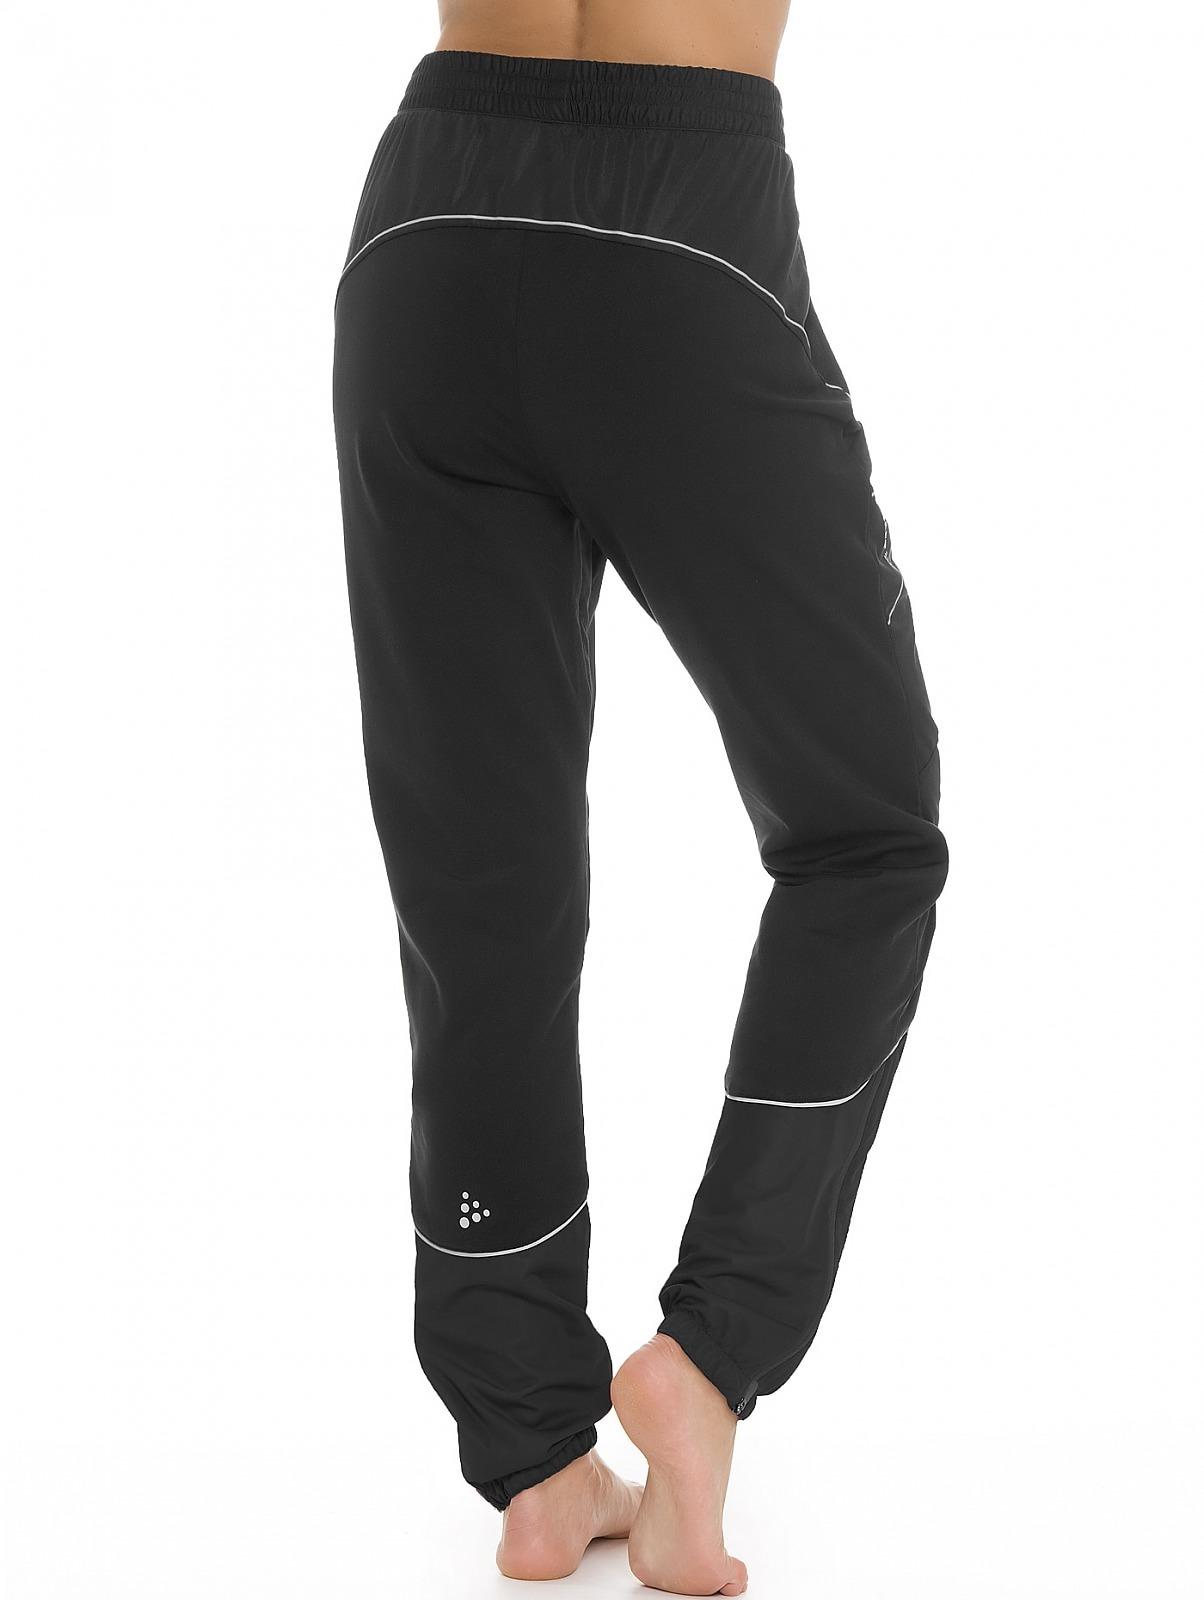 Женские профессиональные лыжные брюки Craft High Function (1903687-9900) черный